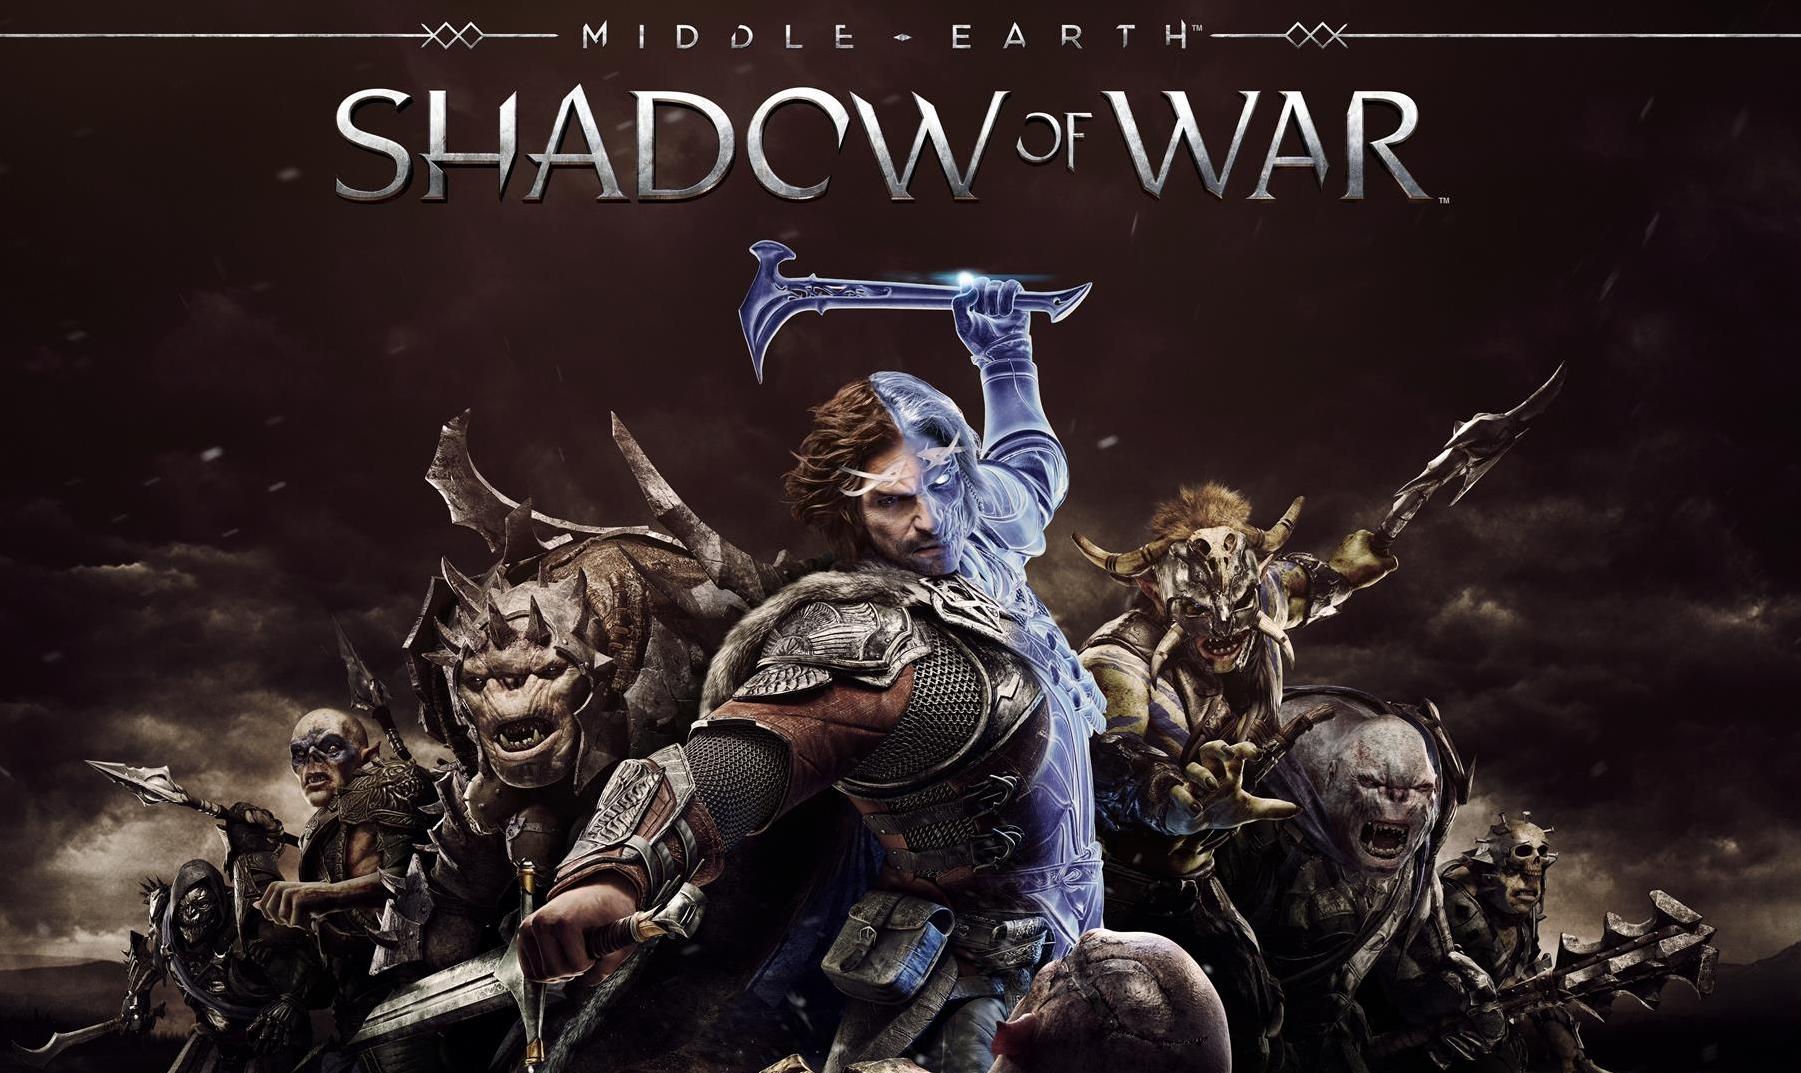 صداپیشگان Middle-earth: Shadow Of War معرفی شدند